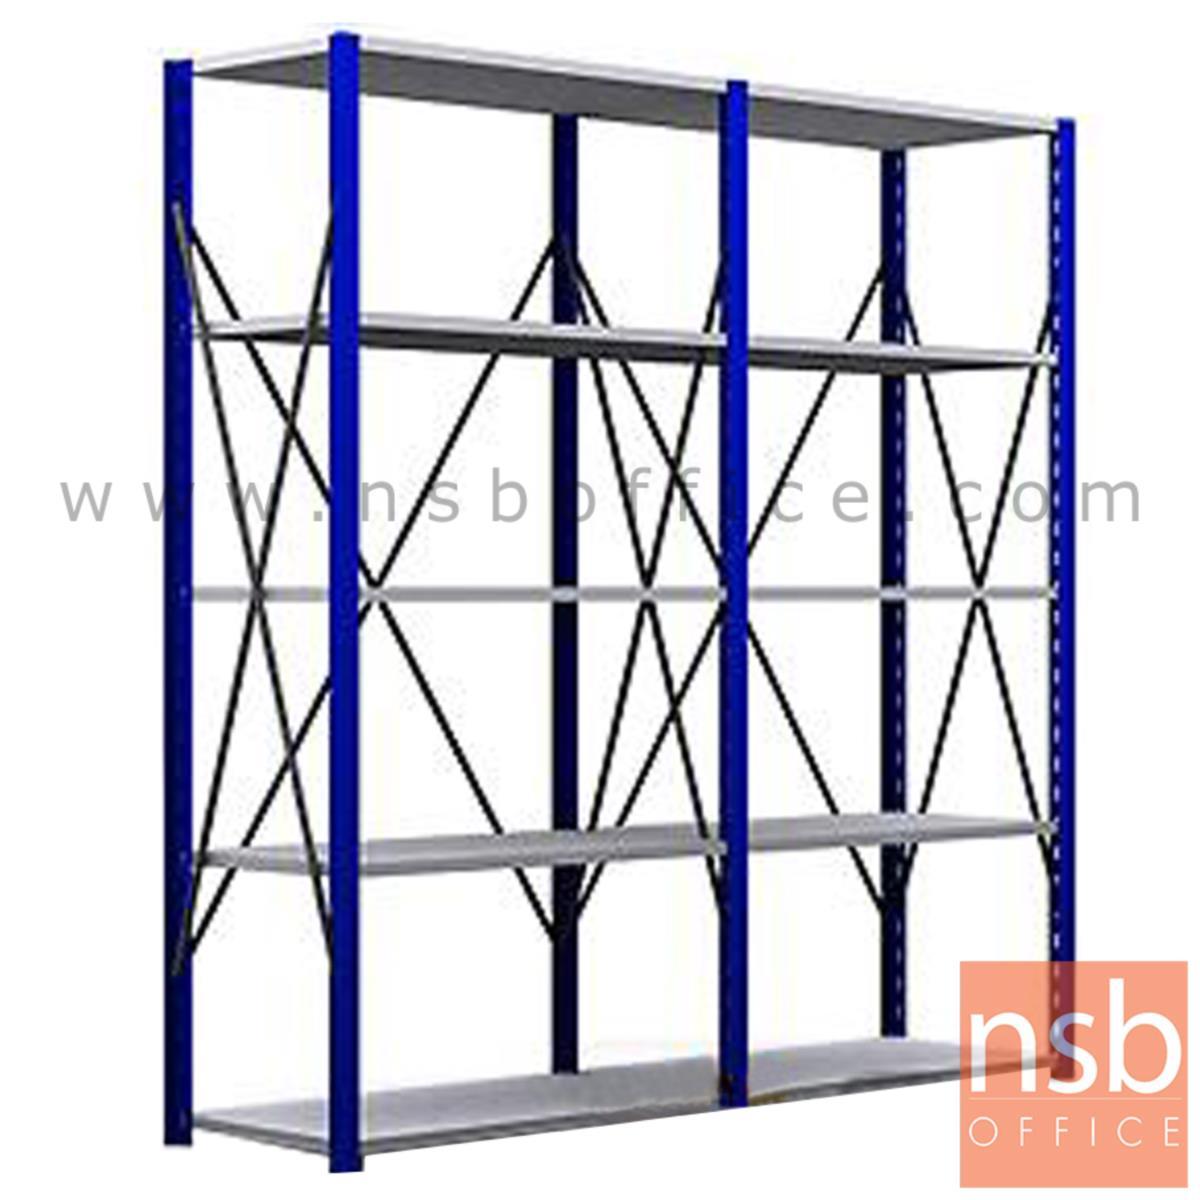 D03A011:ชั้นเหล็ก MR ขนาด 120W*50D (180H - 240H) cm. ชั้นปรับระดับได้ รับน้ำหนัก 150-200 KG/ชั้น